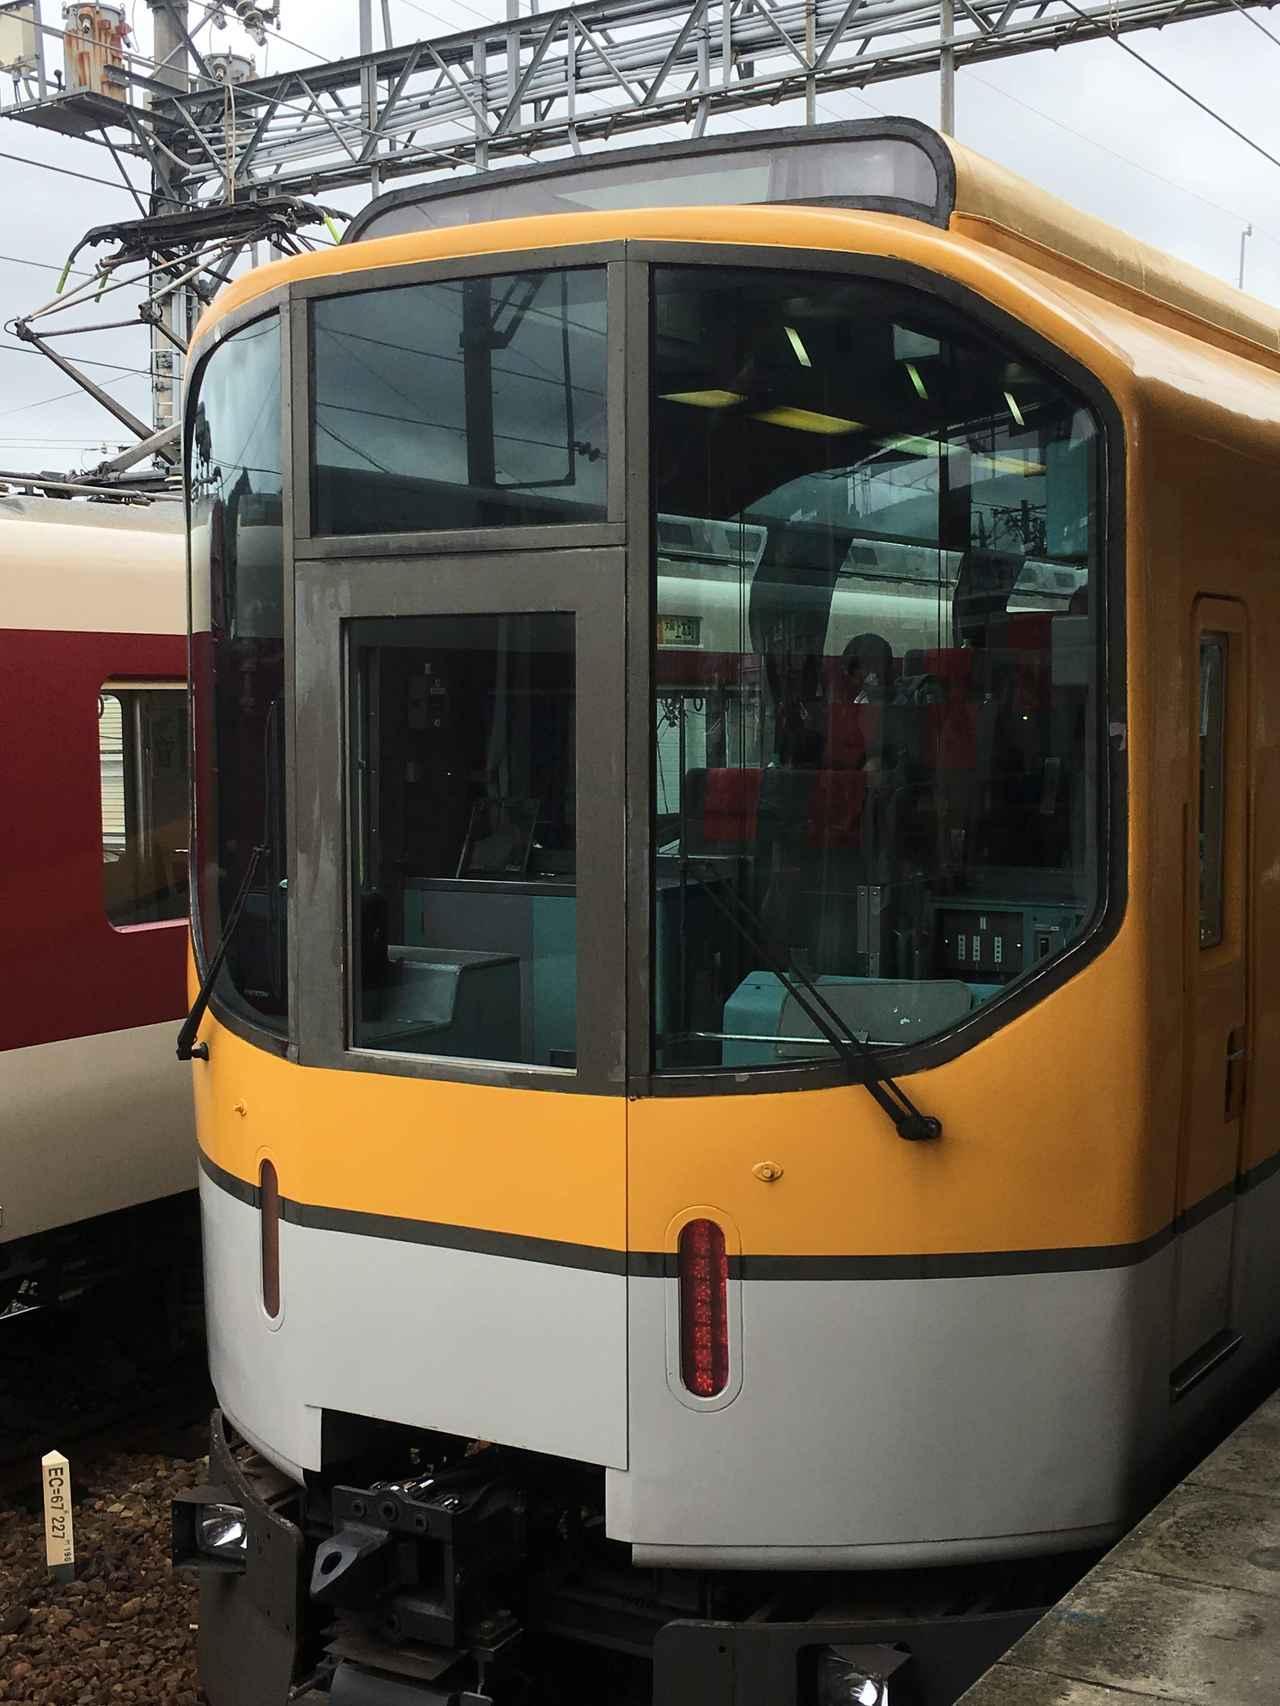 画像: リニューアル前の近鉄団体専用列車「楽」(大塚雅士撮影)